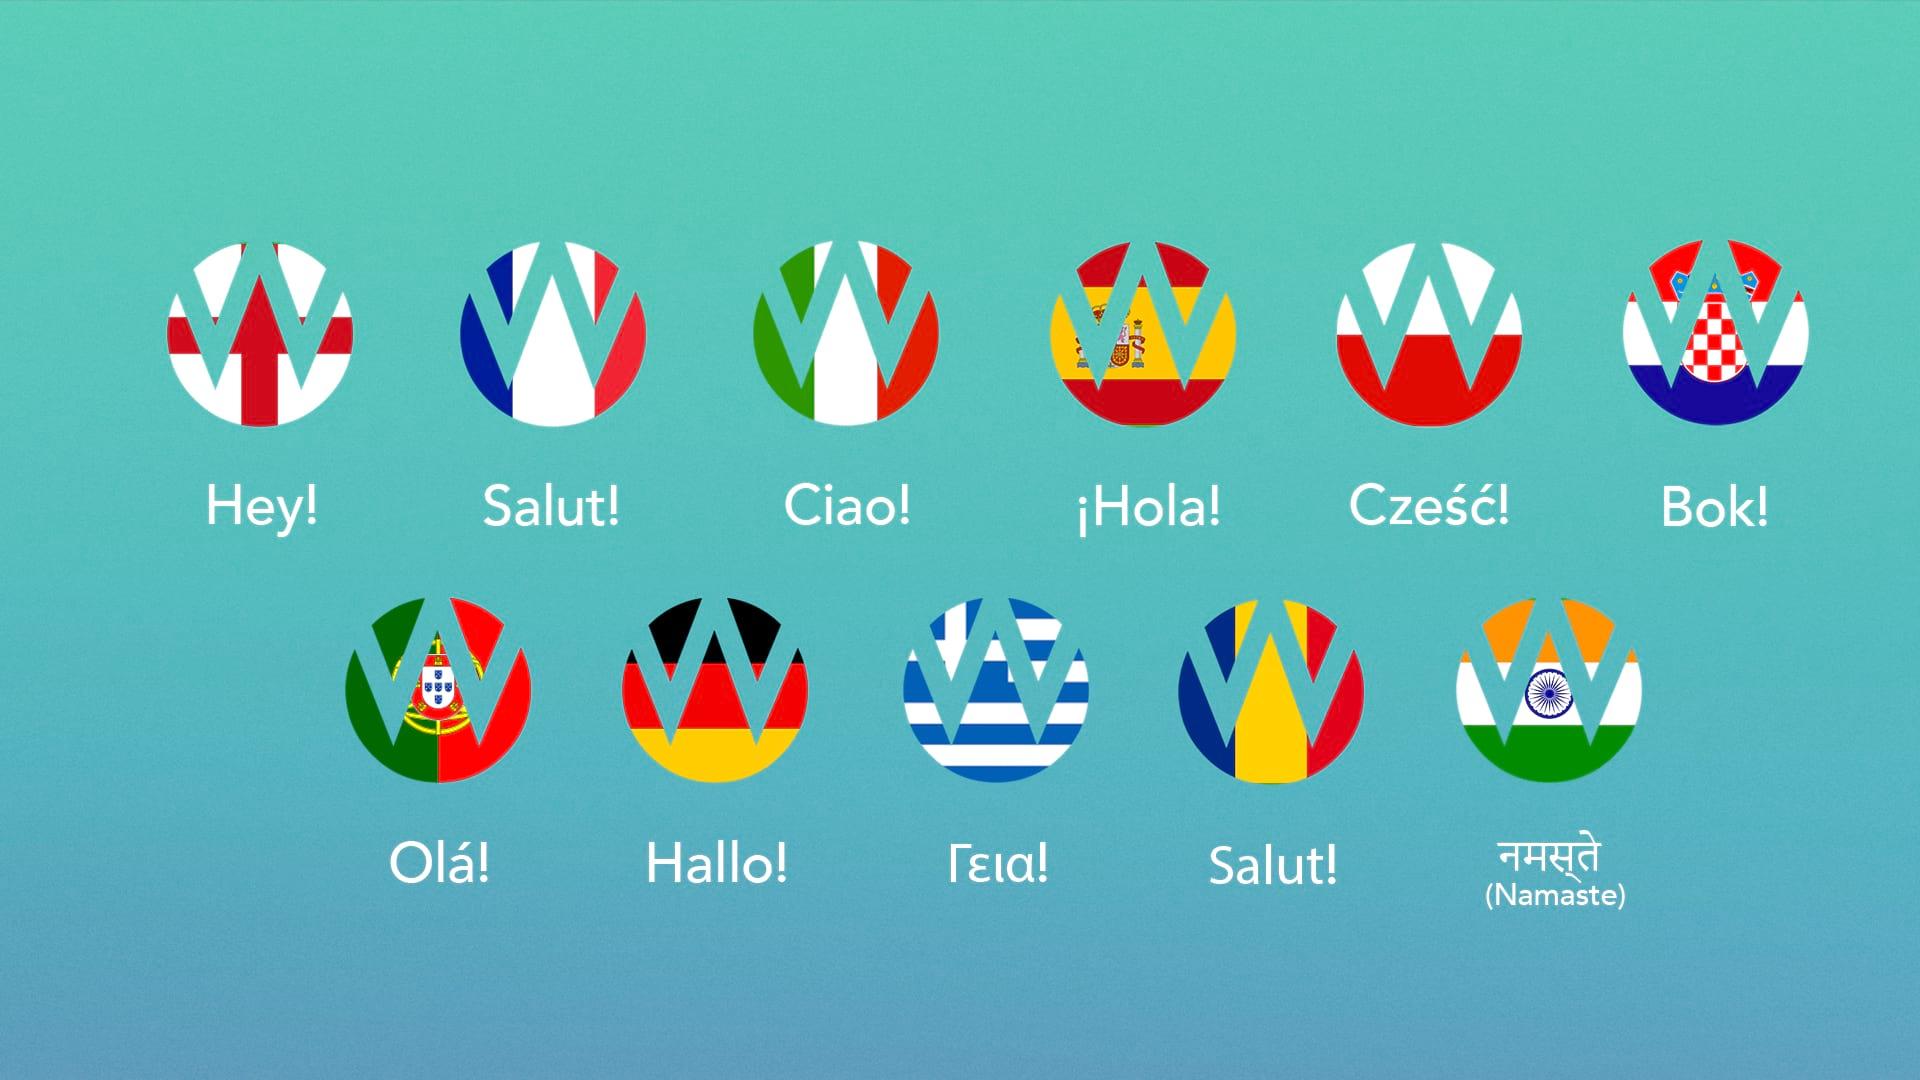 Wolfgang Digital Languages